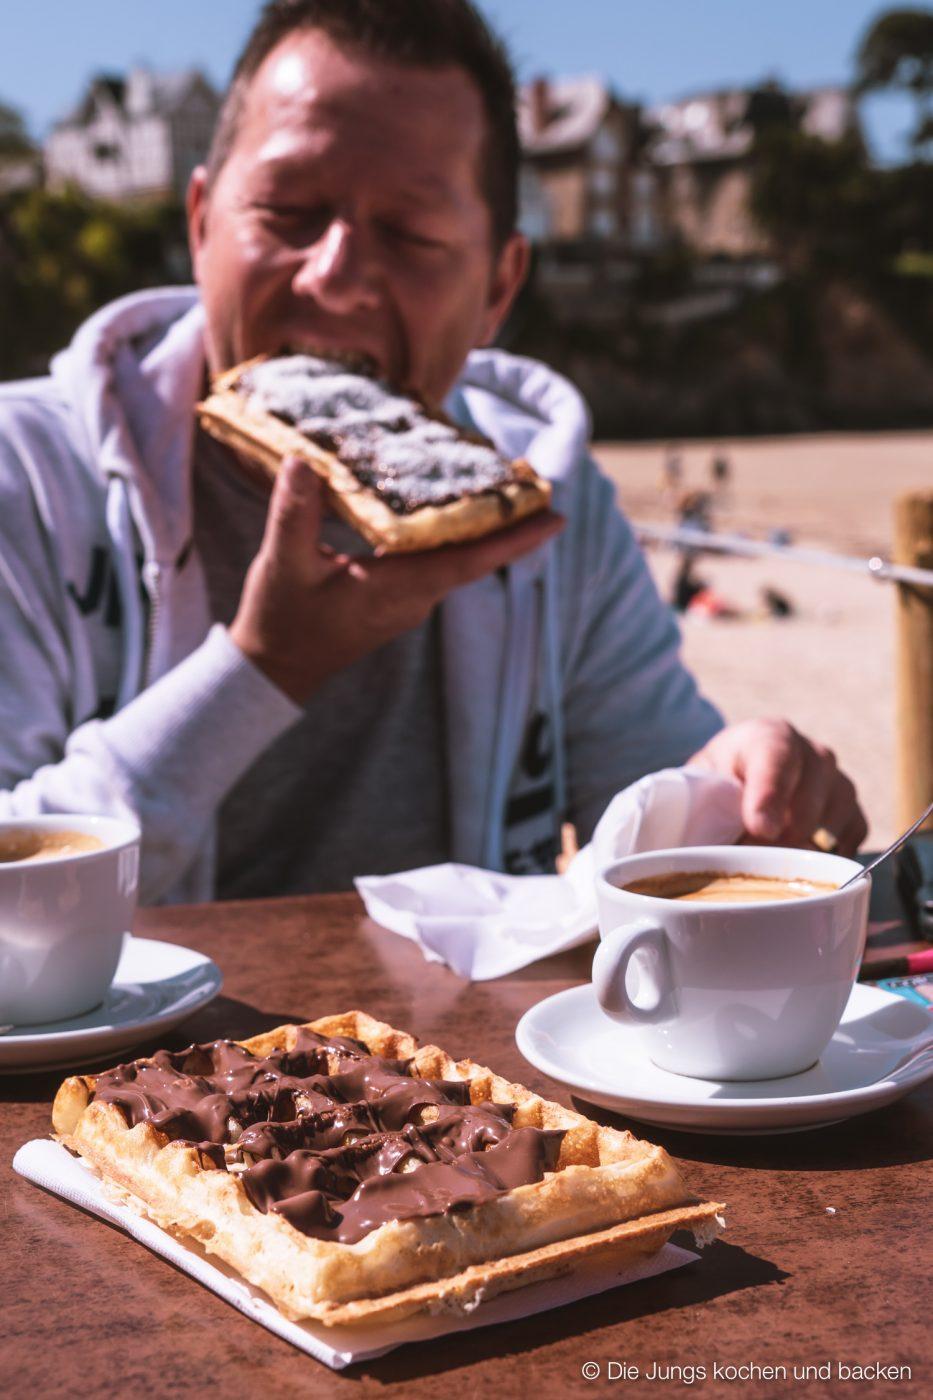 Wohnmobil Etrusco Bretagne 84 | Heute haben wir einen besonderen Reisebericht für euch, denn wir hatten eine absolute Premiere - Reisen mit einem Wohnmobil! 5 Tage lang waren wir unterwegs und unser Ziel war die wunderschöne Smaragdküste in der Bretagne. Hier haben wir es uns kulinarisch richtig gut gehen lassen, tolle Eindrücke gesammelt und vor allem unser schickes Gefährt  von Etrusco ausgiebig testen können. So viel sei verraten ... wir sind extrem angetan von einem Urlaub mit dem Wohnmobil und planen schon die nächste Wohnmobil-Tour.